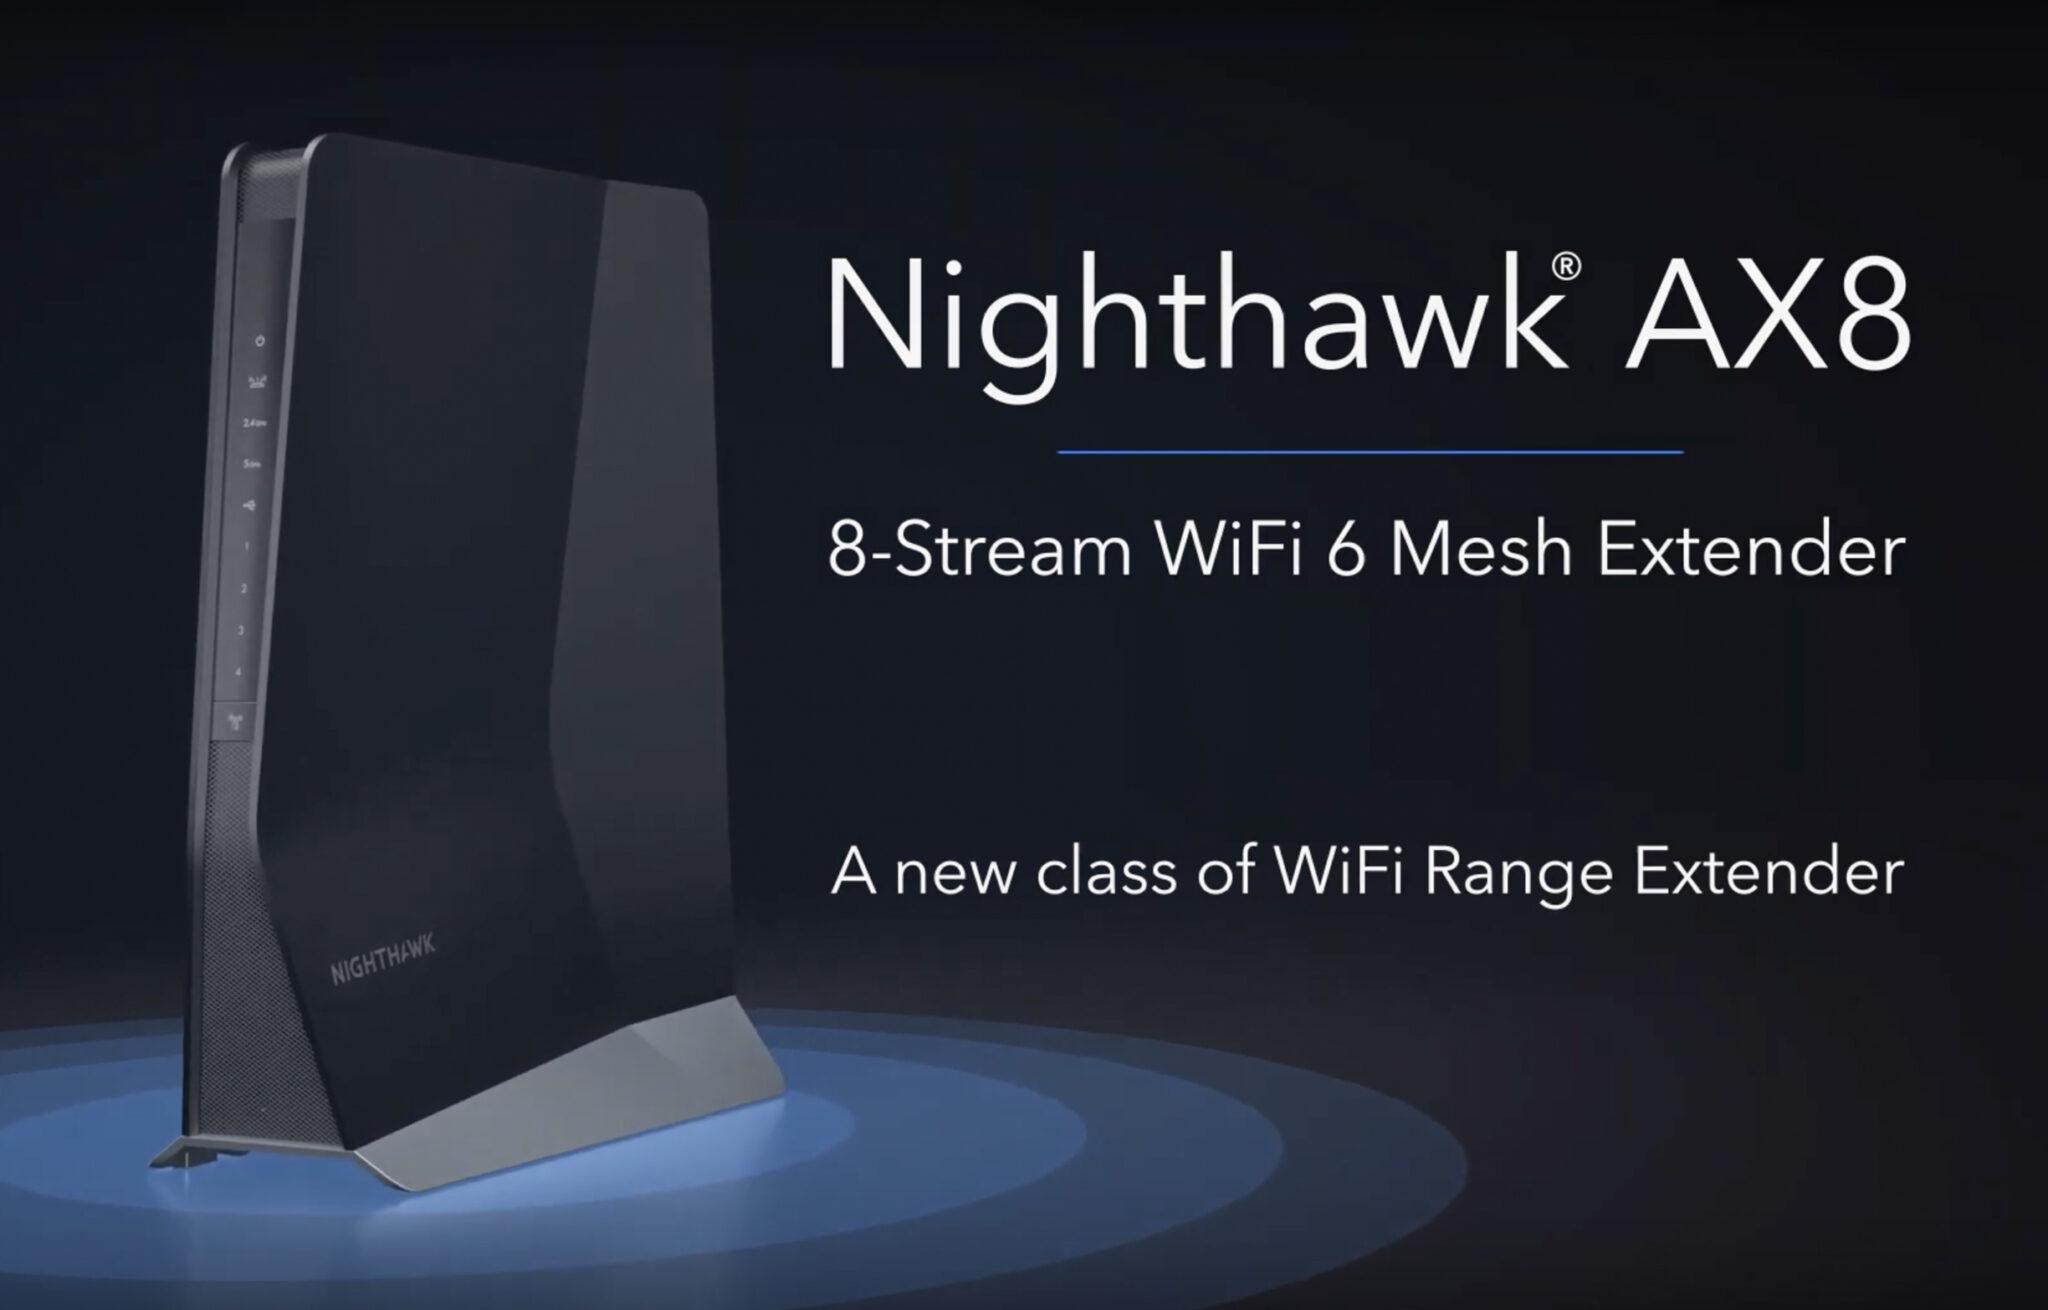 شركة Netgear تعلن عن جهاز Nighthawk EAX80 لتعظيم اشارة شبكة Wi-Fi 6